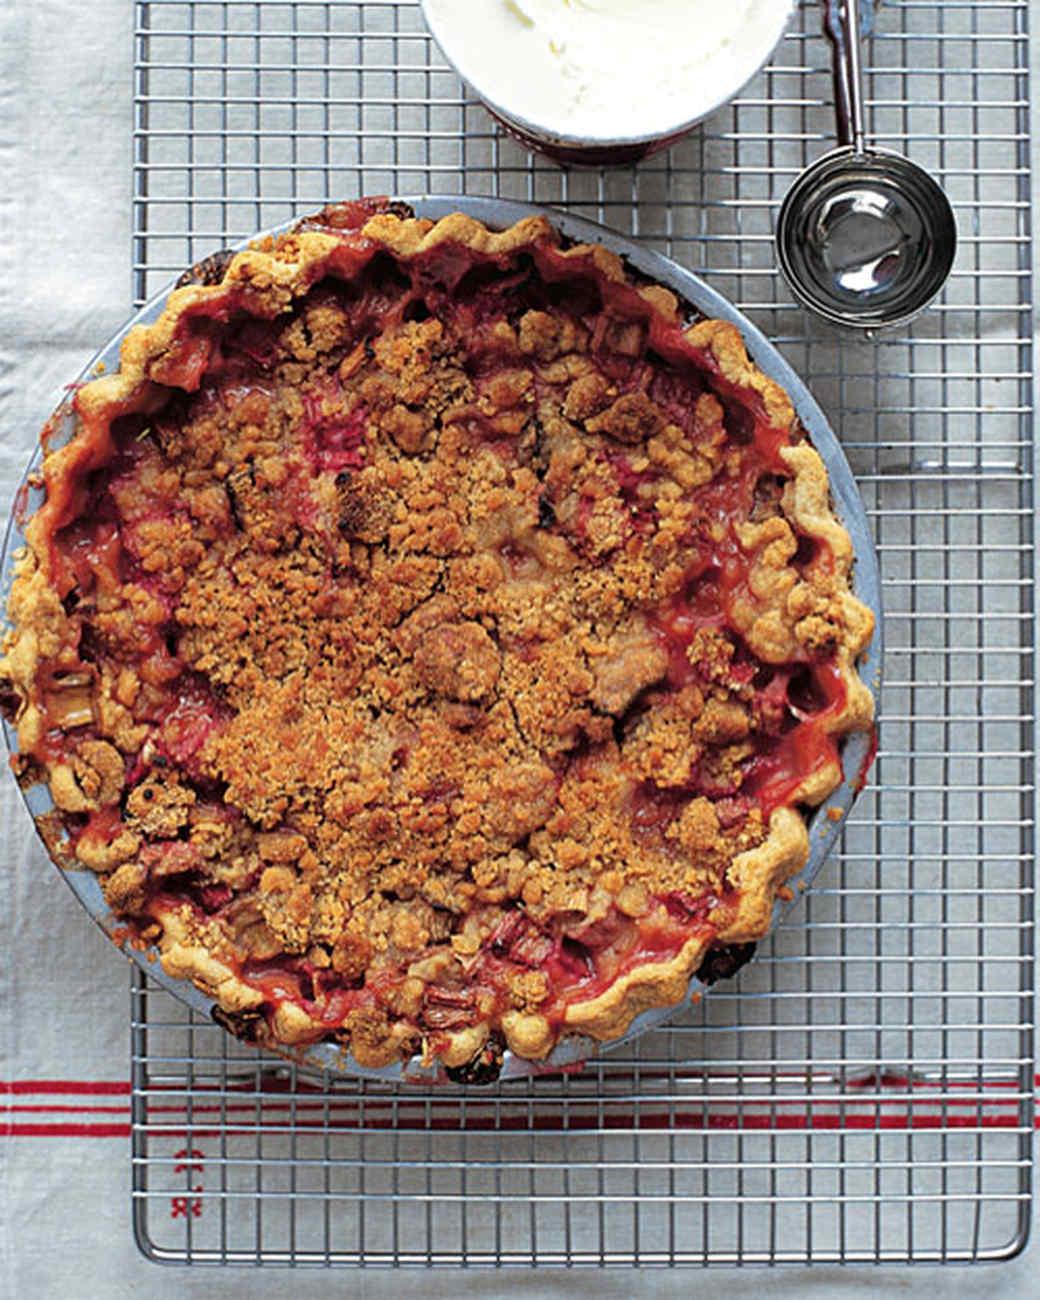 6123_032211_rhubarb_crumble_pie.jpg